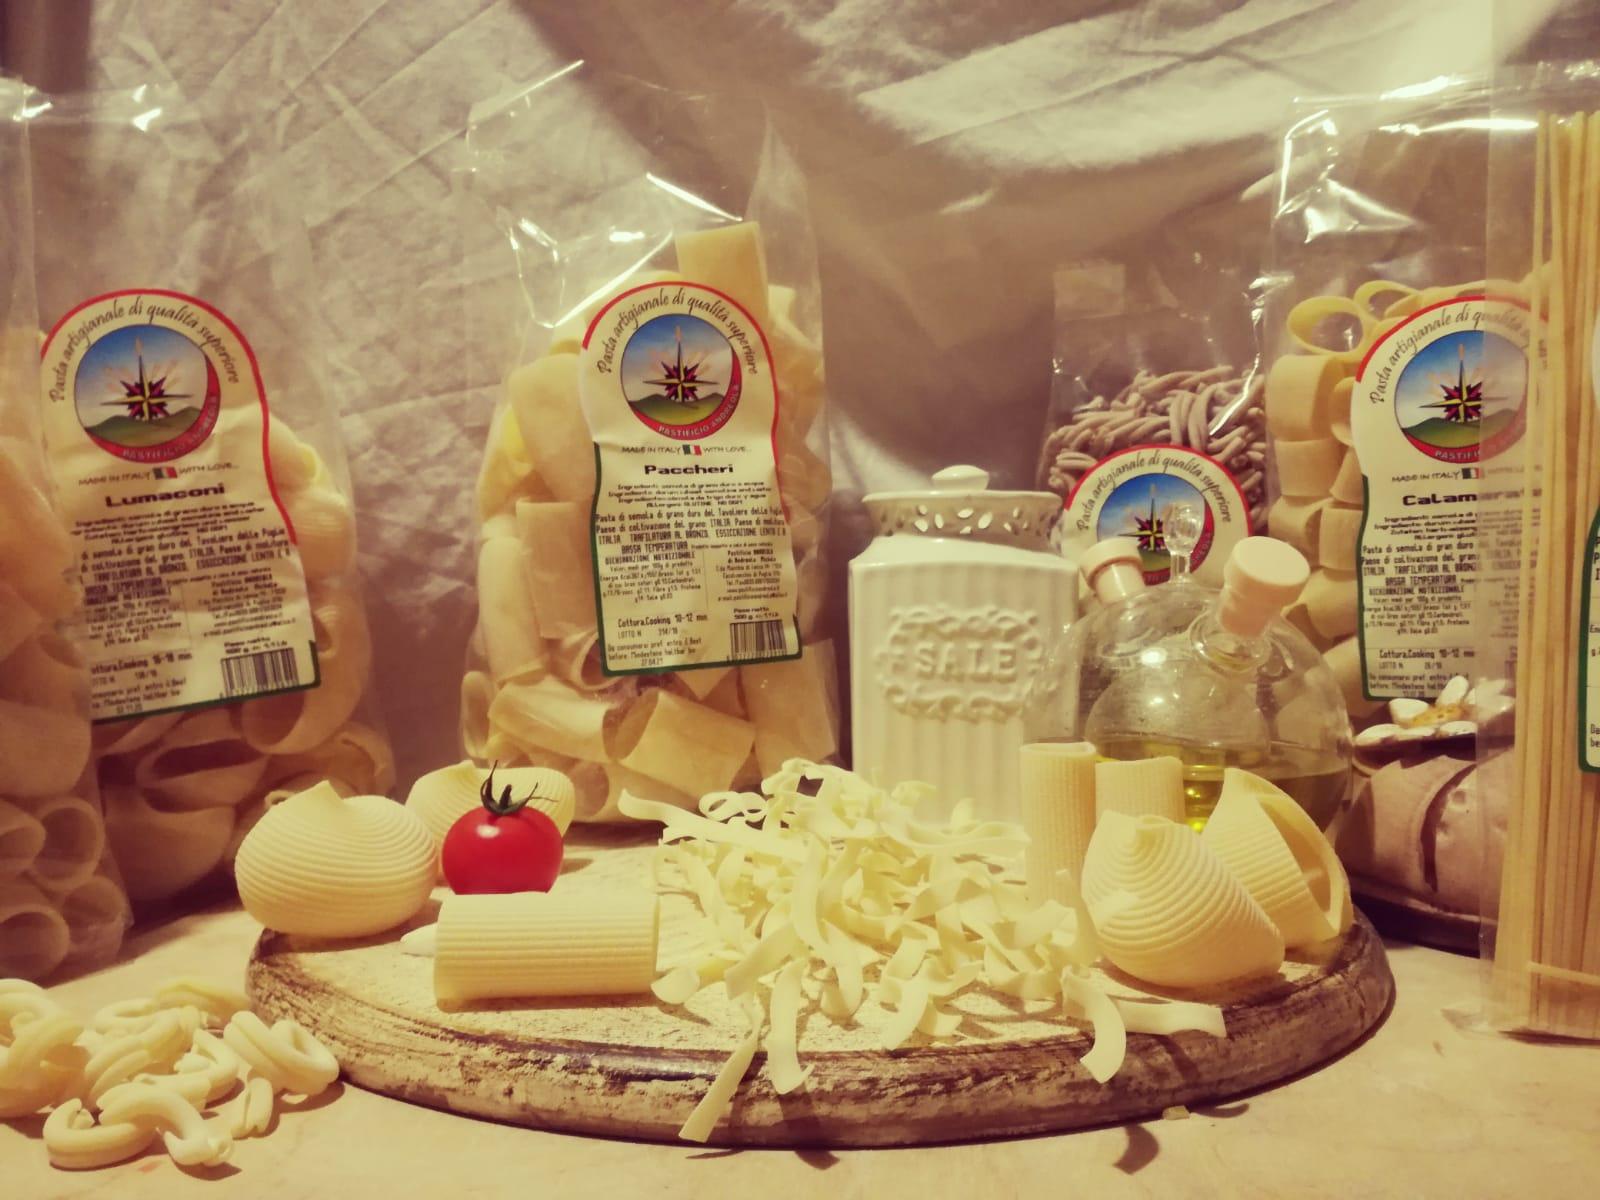 pasta-100-italiana-andreola